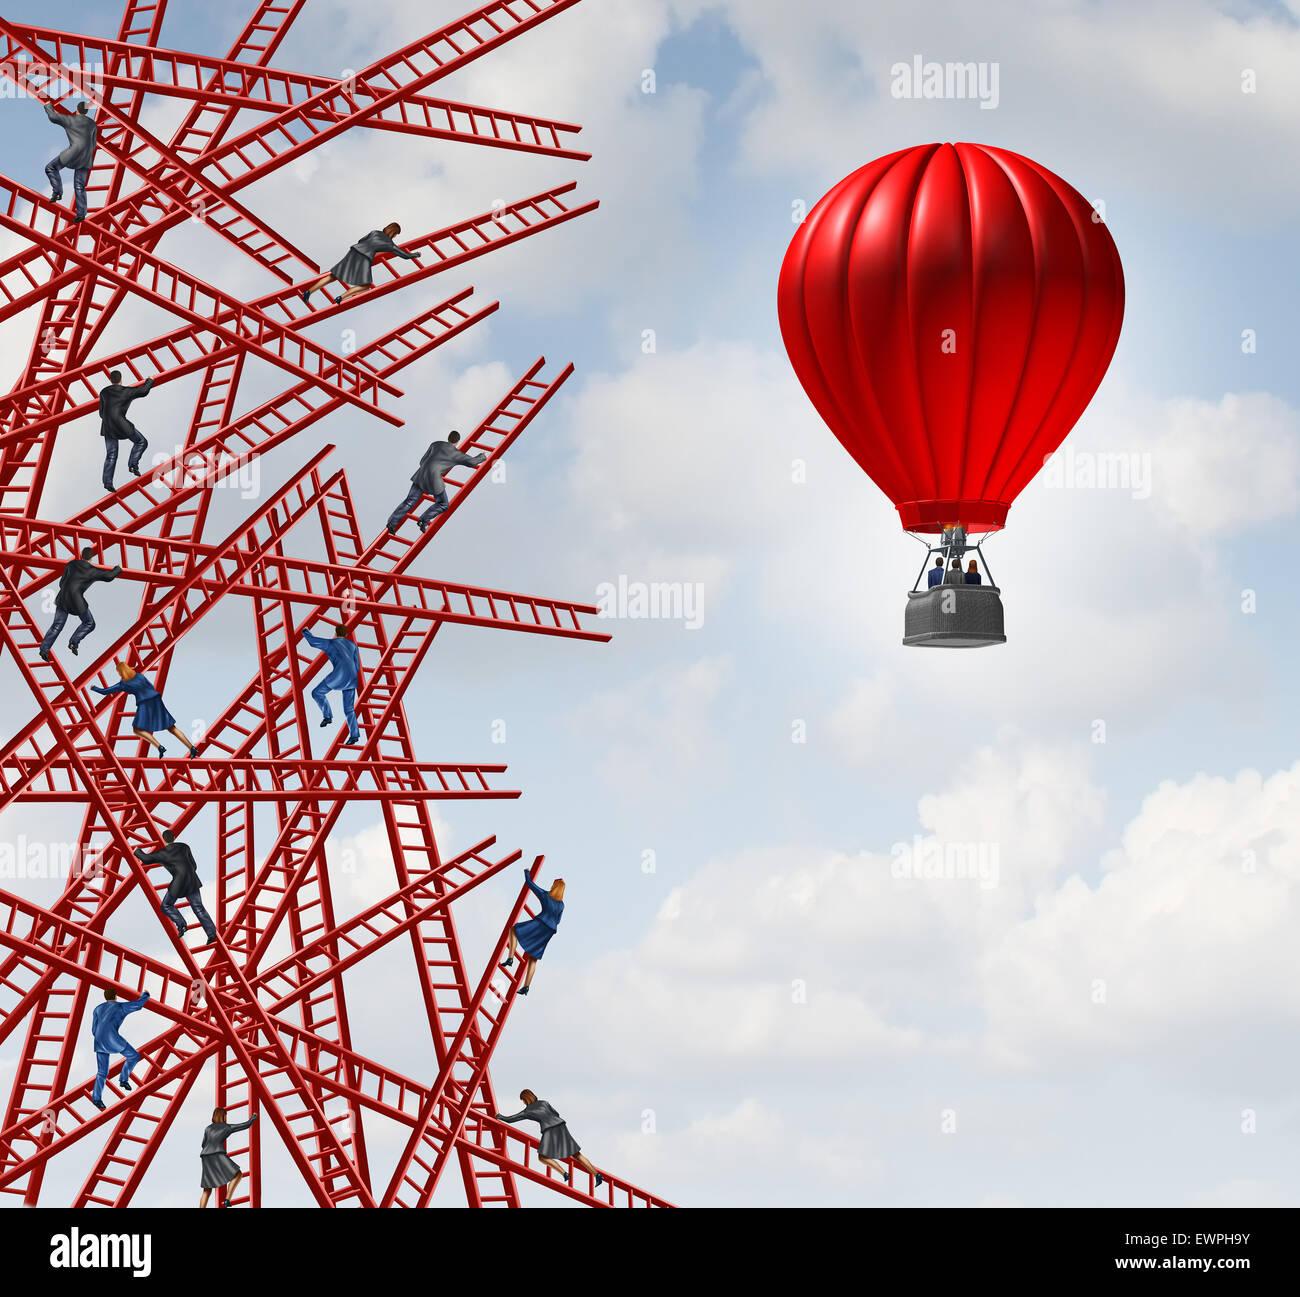 Nuova strategia e di un pensatore indipendente e simbolo del nuovo pensiero innovativo concetto di leadership o Immagini Stock